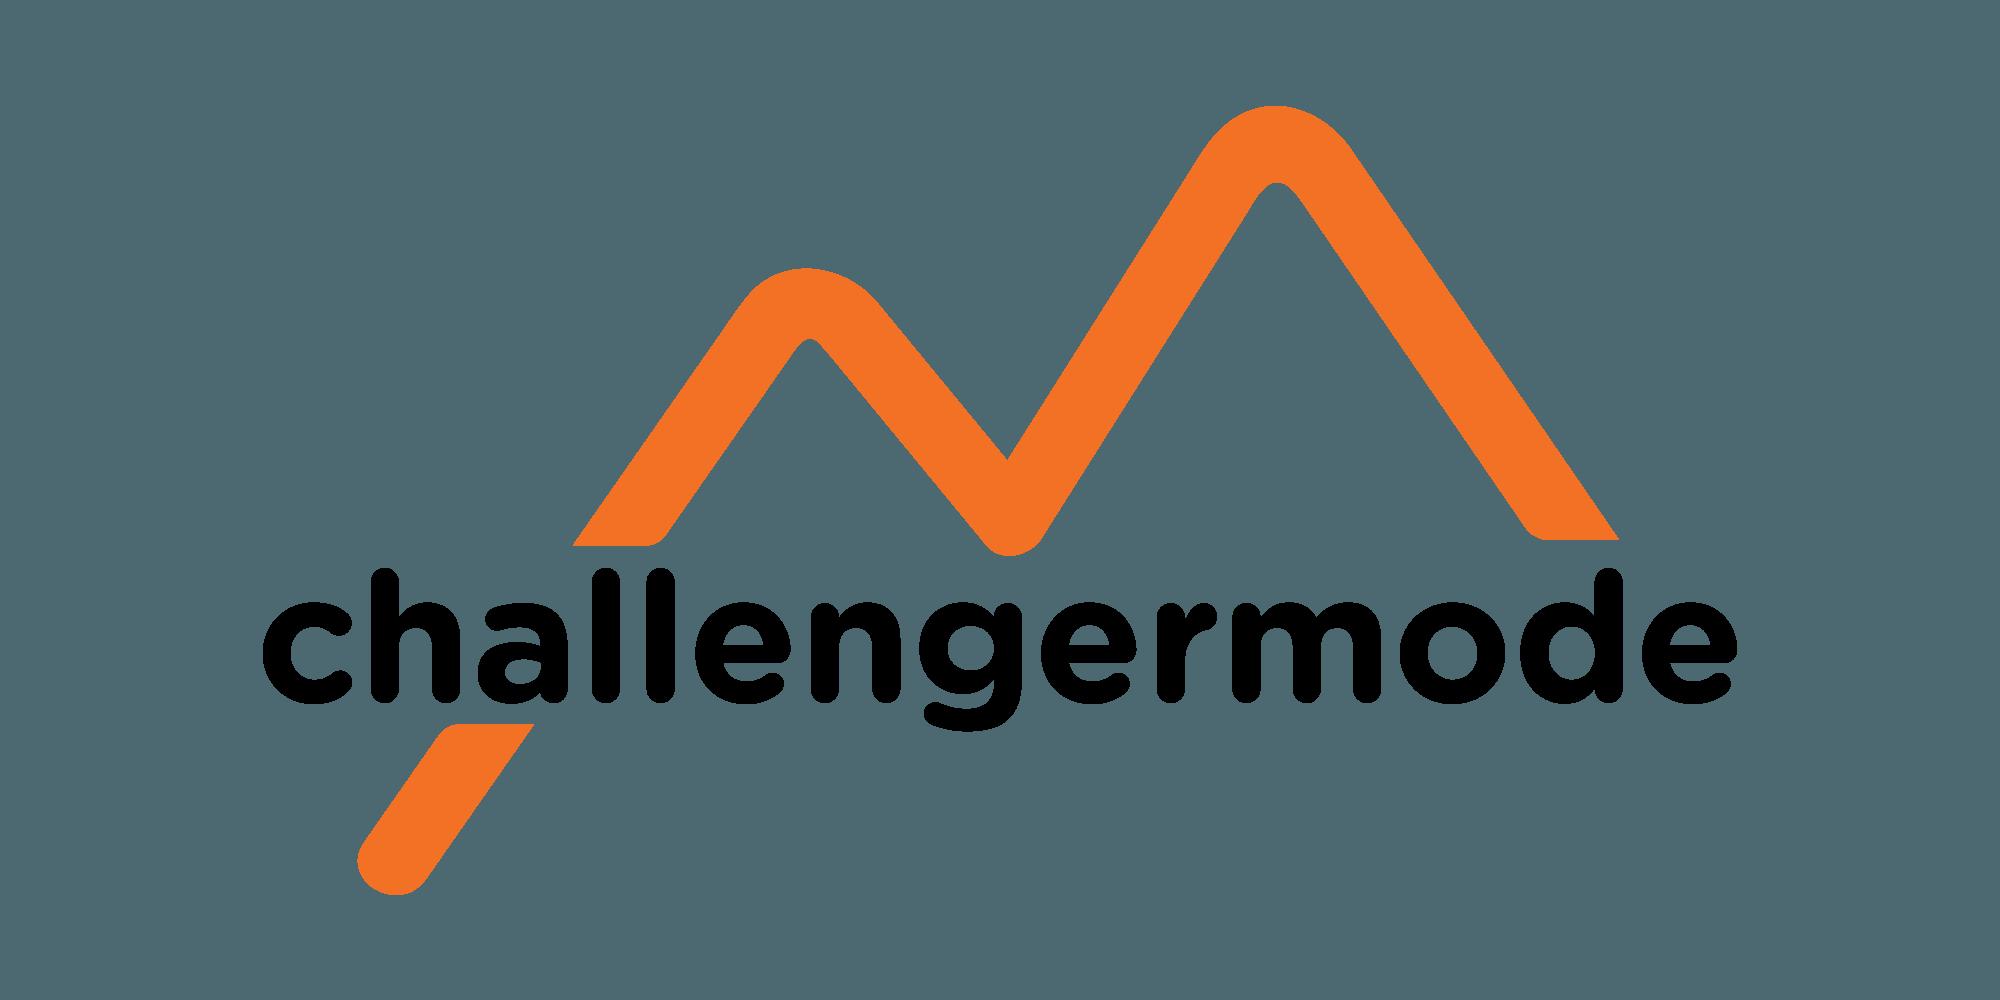 challengermode_logo_blacktext.png